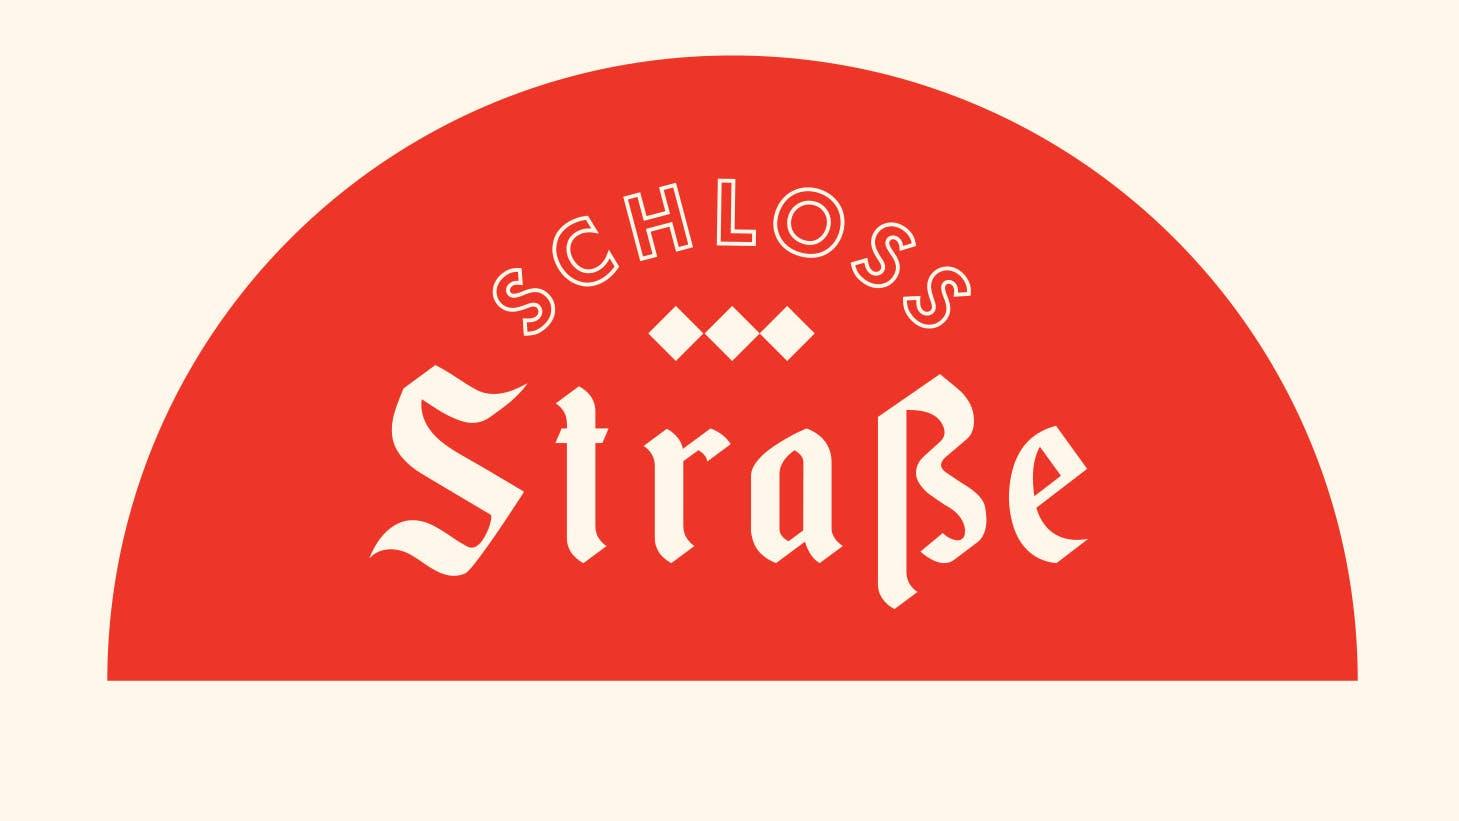 SCHLOSS STRASSE